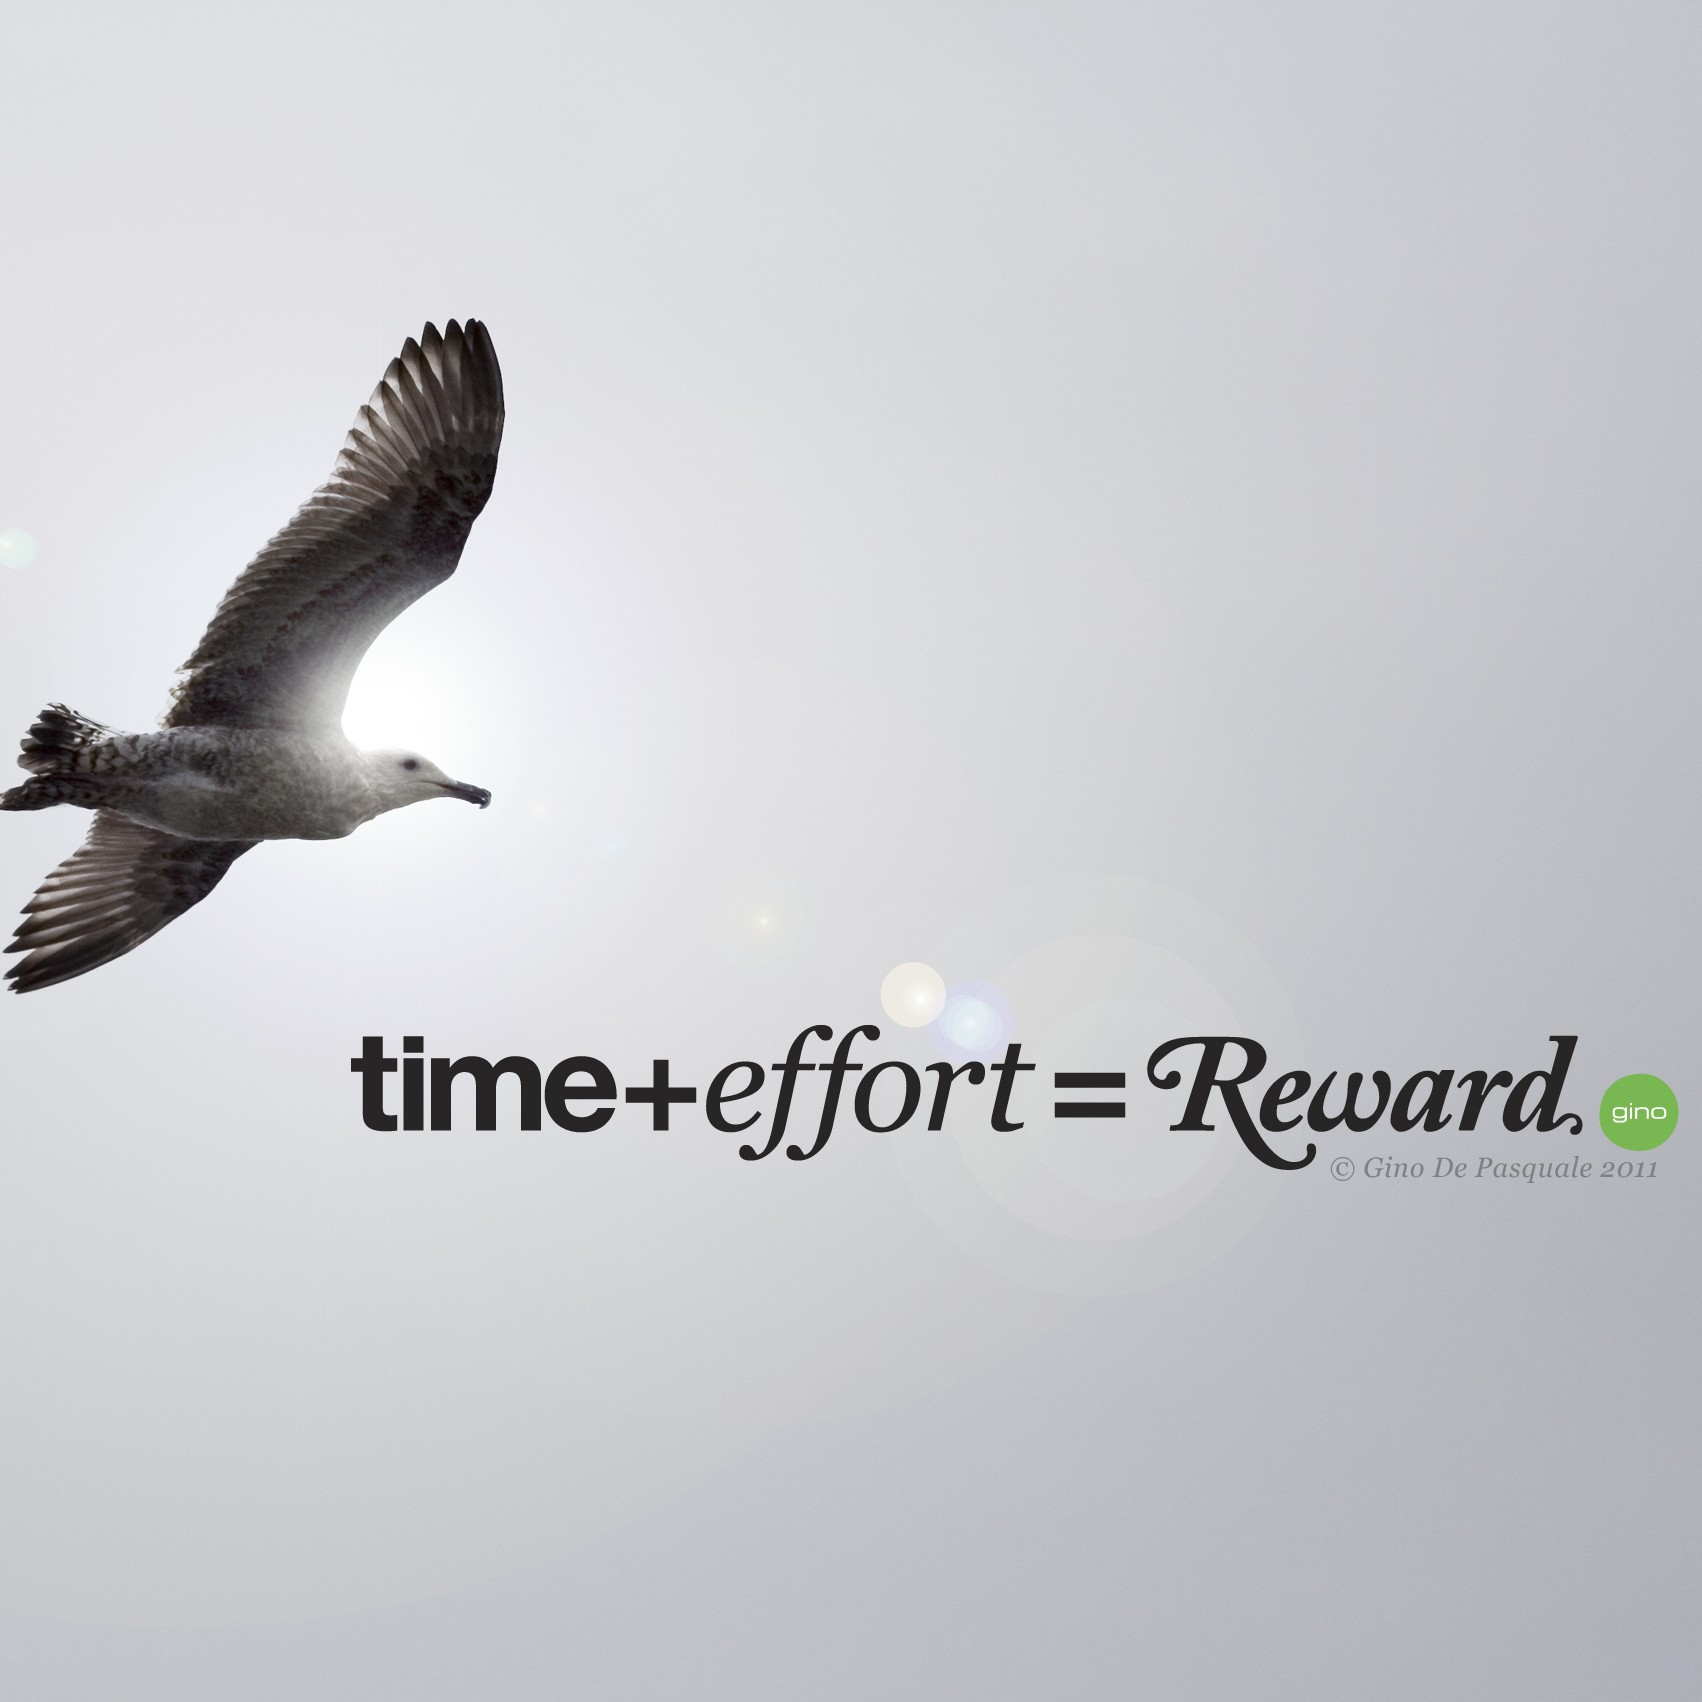 time-effort-hr